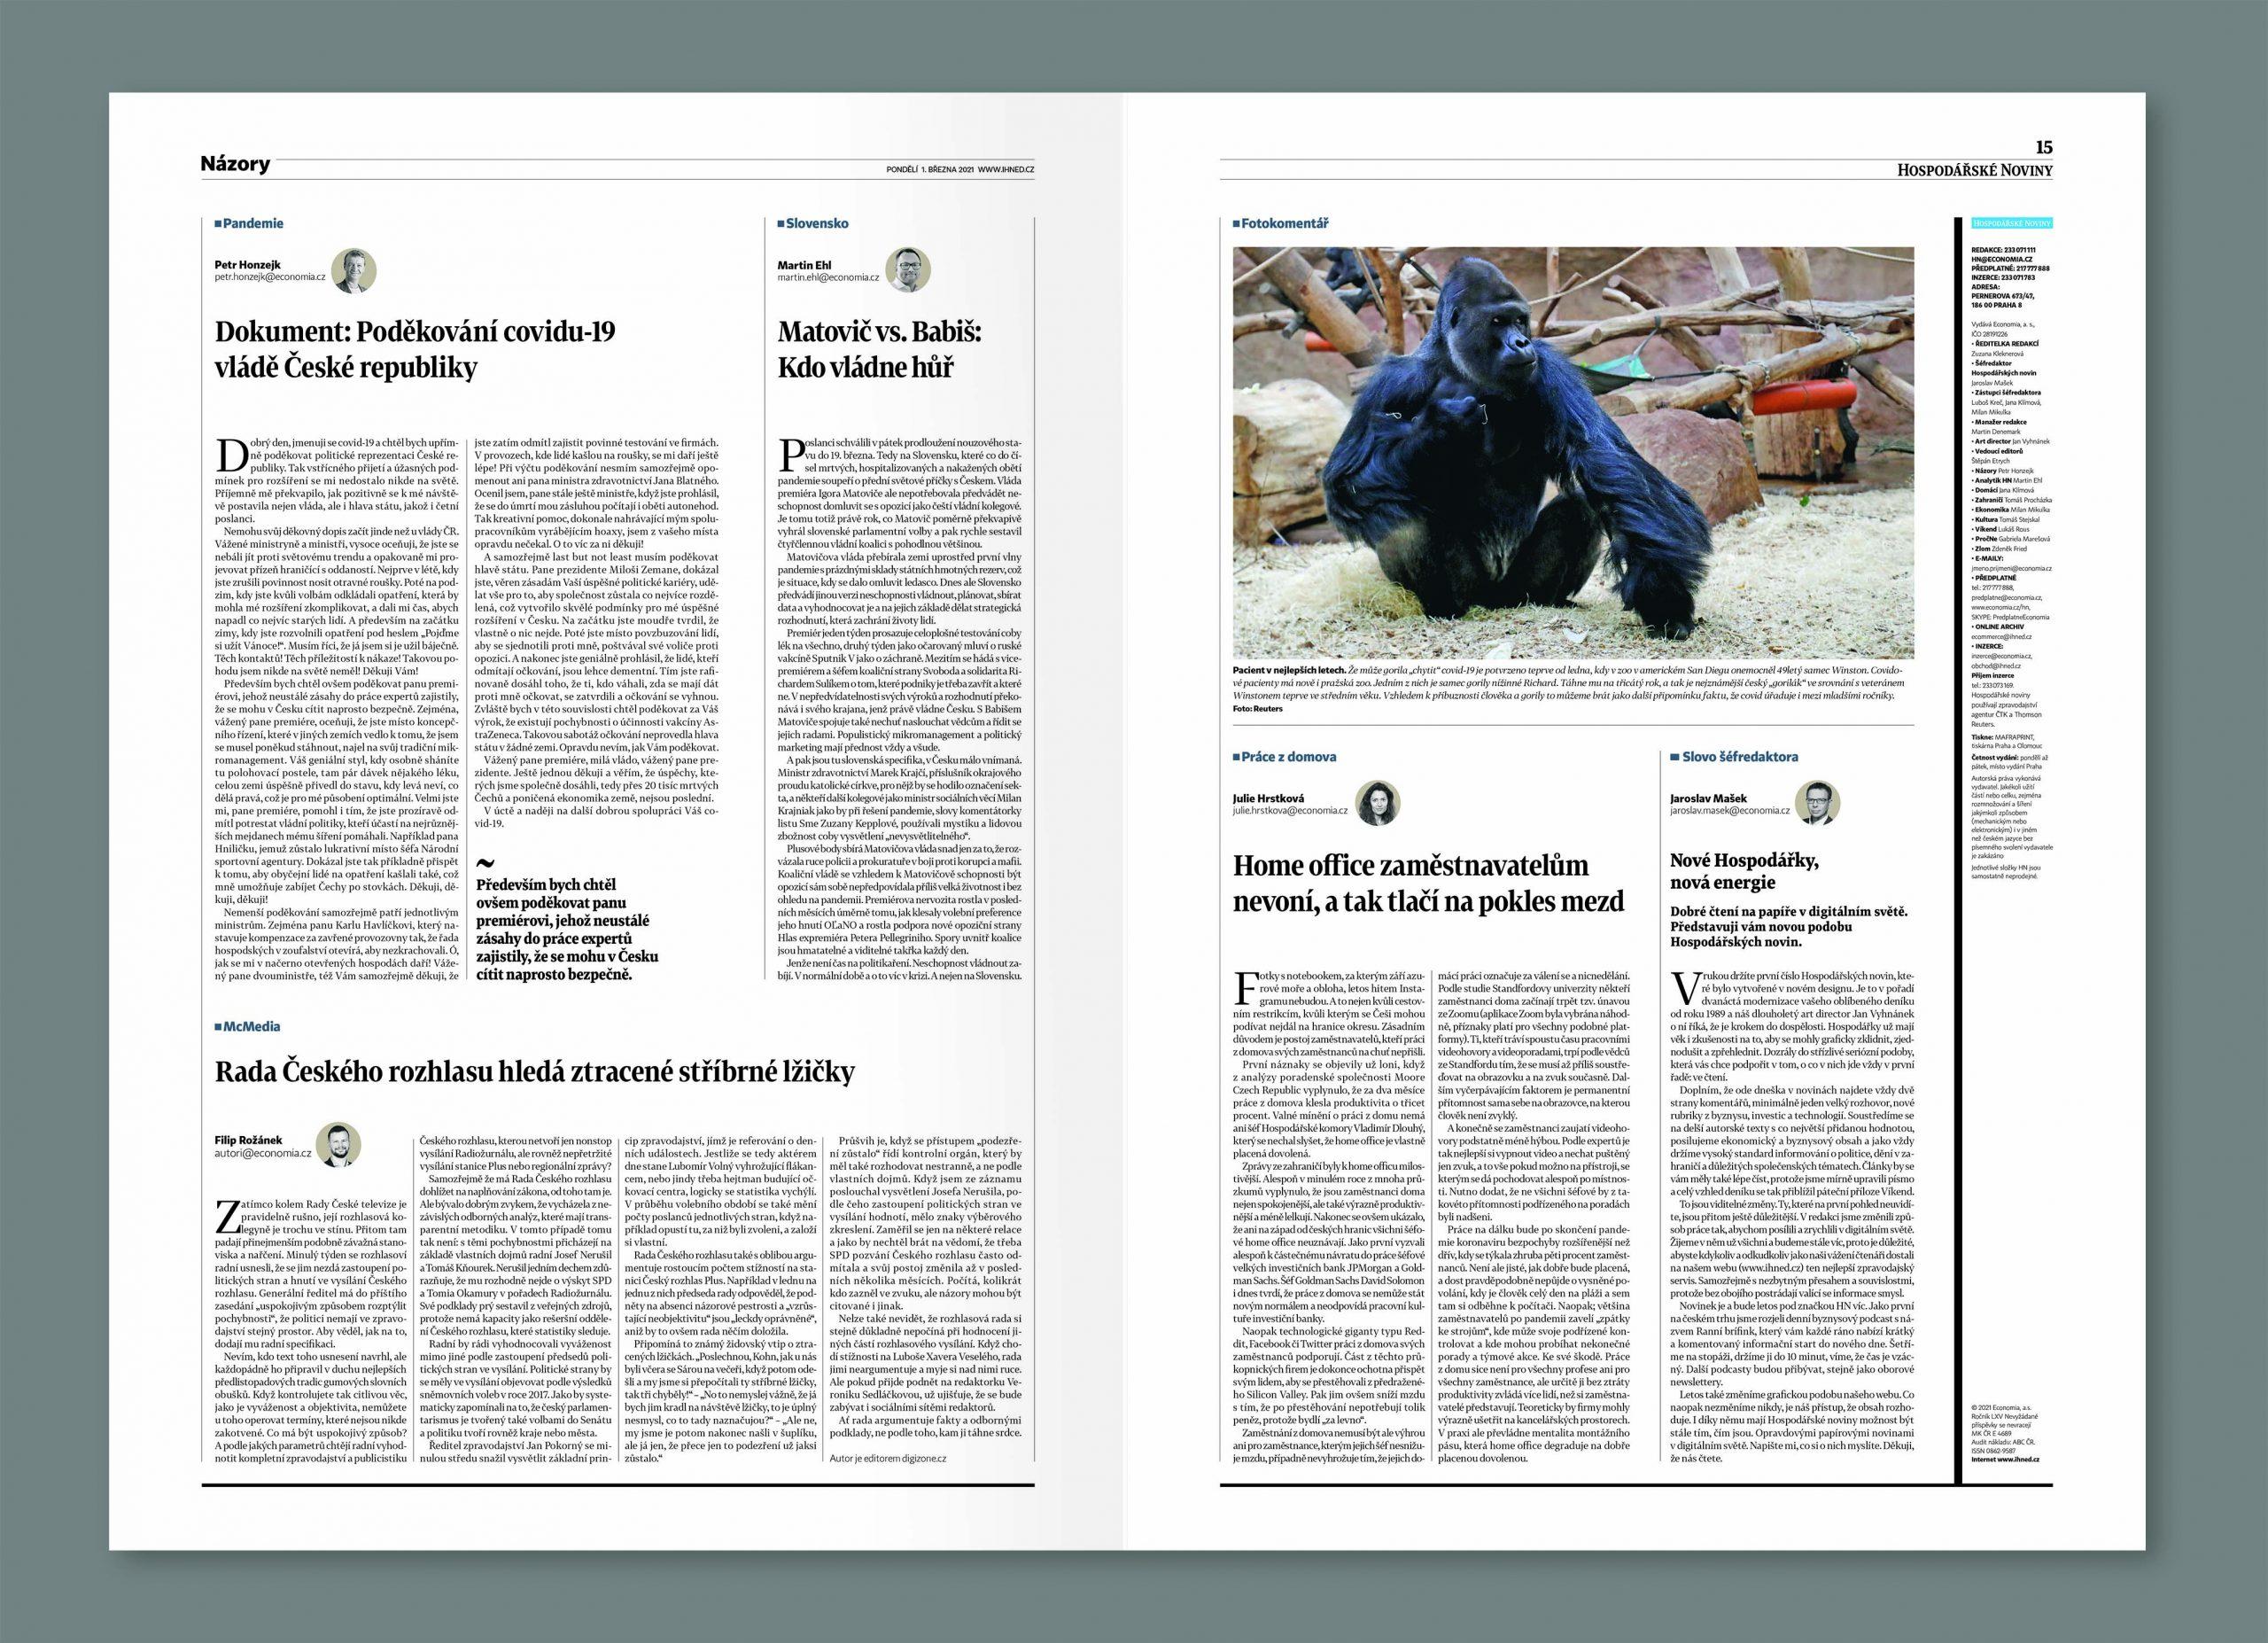 Názorová dvoustrana Hospodářských novin z 1. března